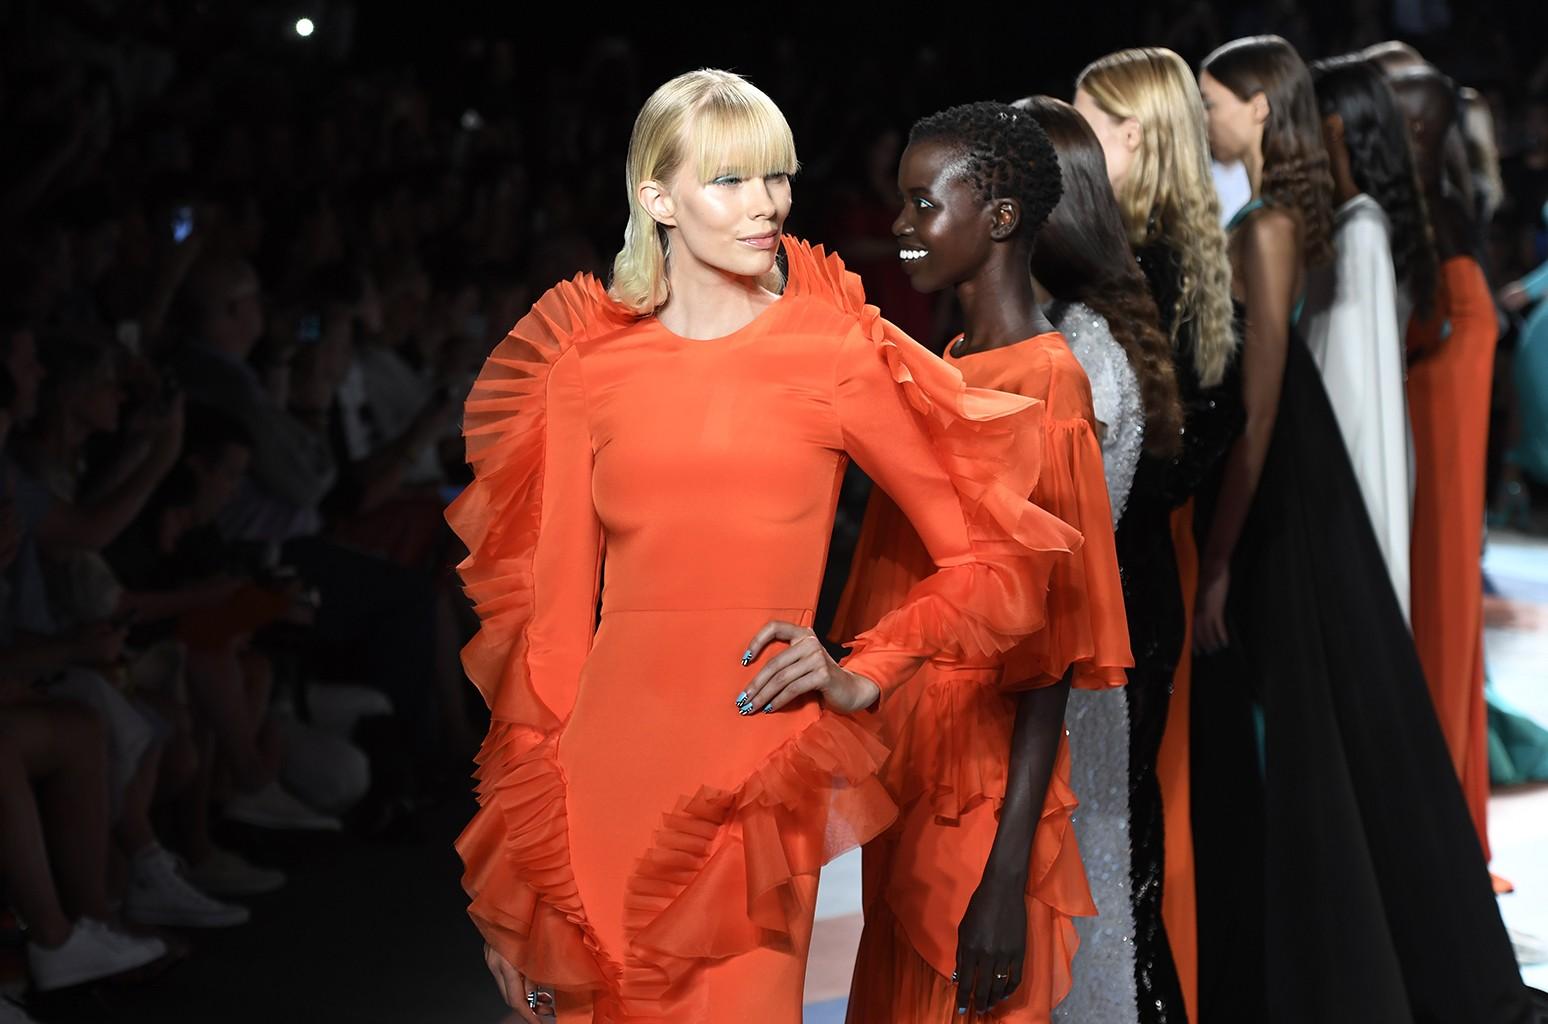 Models walk the runway at the Christian Siriano fashion show